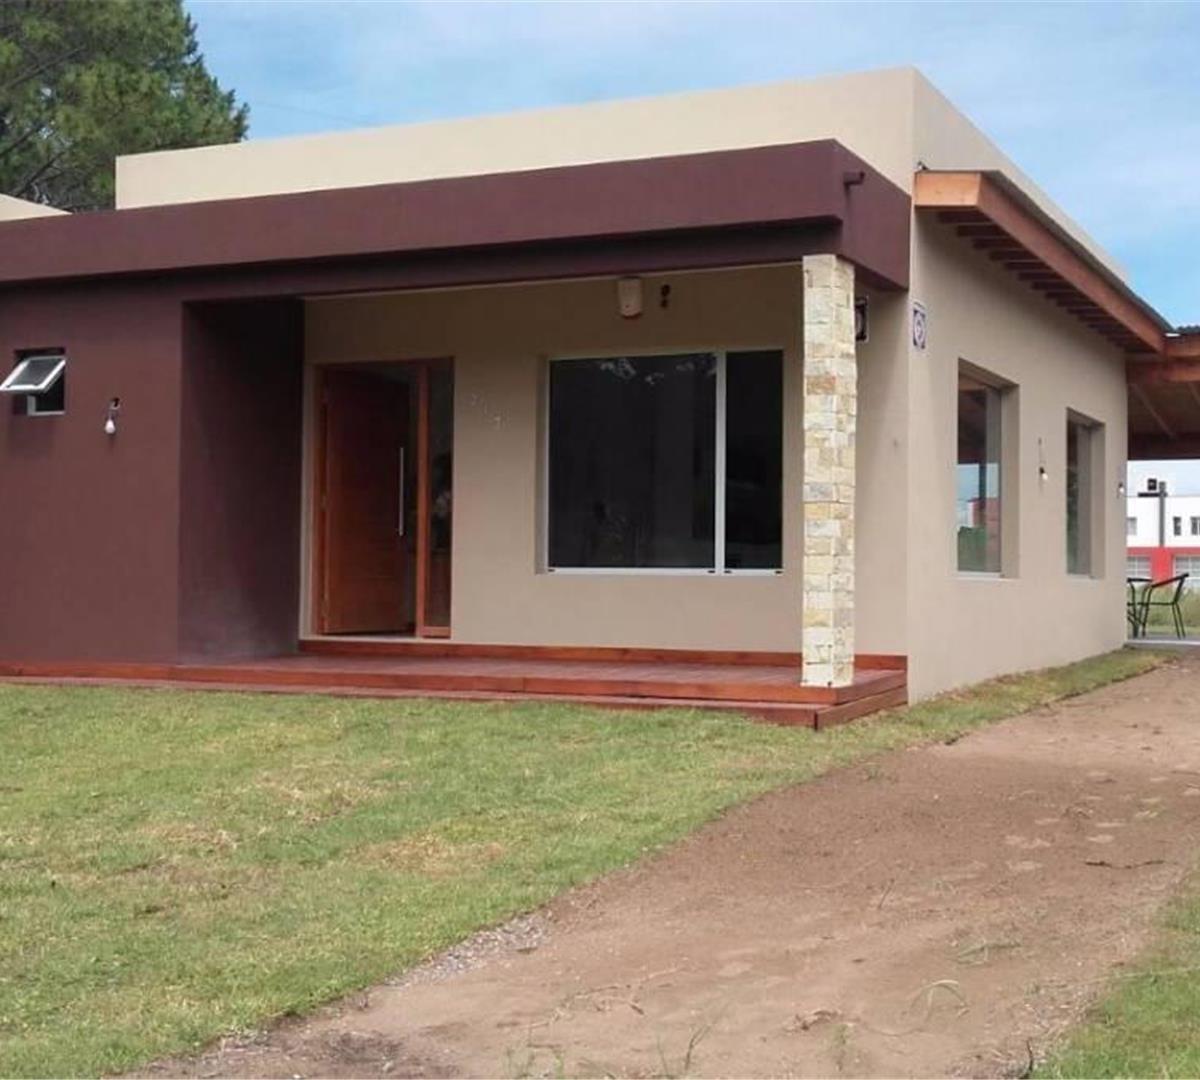 casa 5 amb - 130m2 - lote 15 x 45 - ideal p/ emprendimiento alquiler temporario